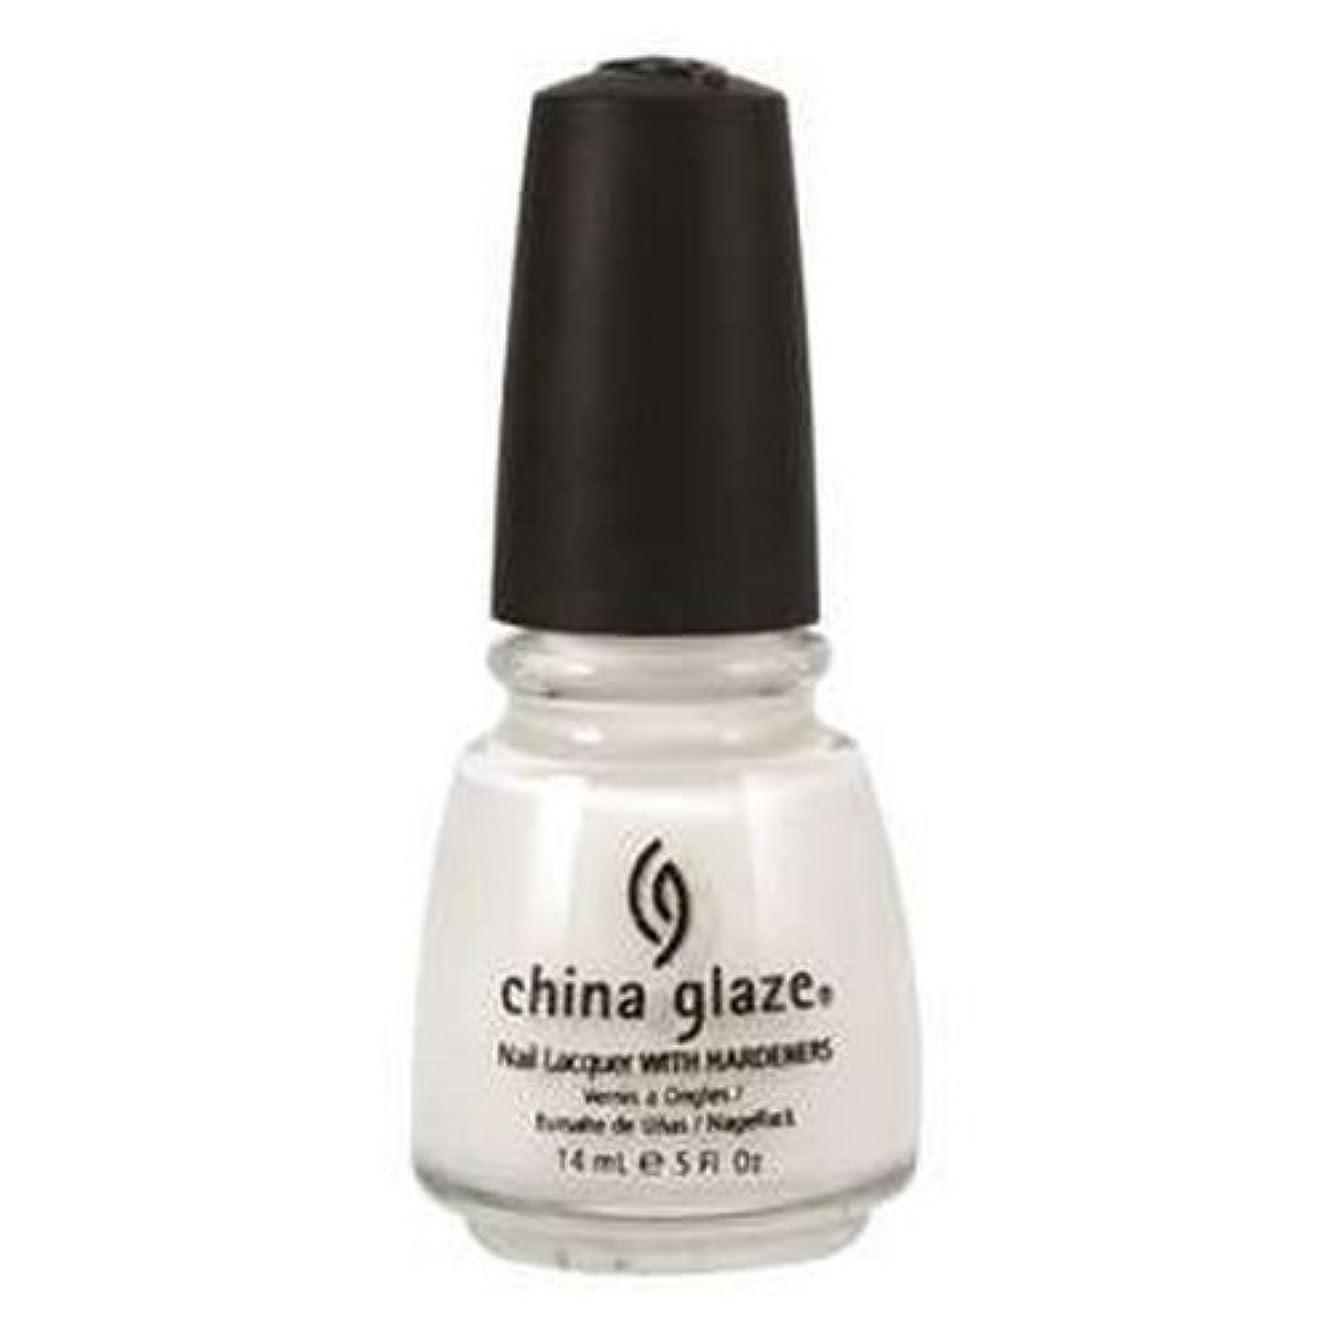 ベルベット注文リーチ(3 Pack) CHINA GLAZE Nail Lacquer with Nail Hardner 2 - Snow (並行輸入品)